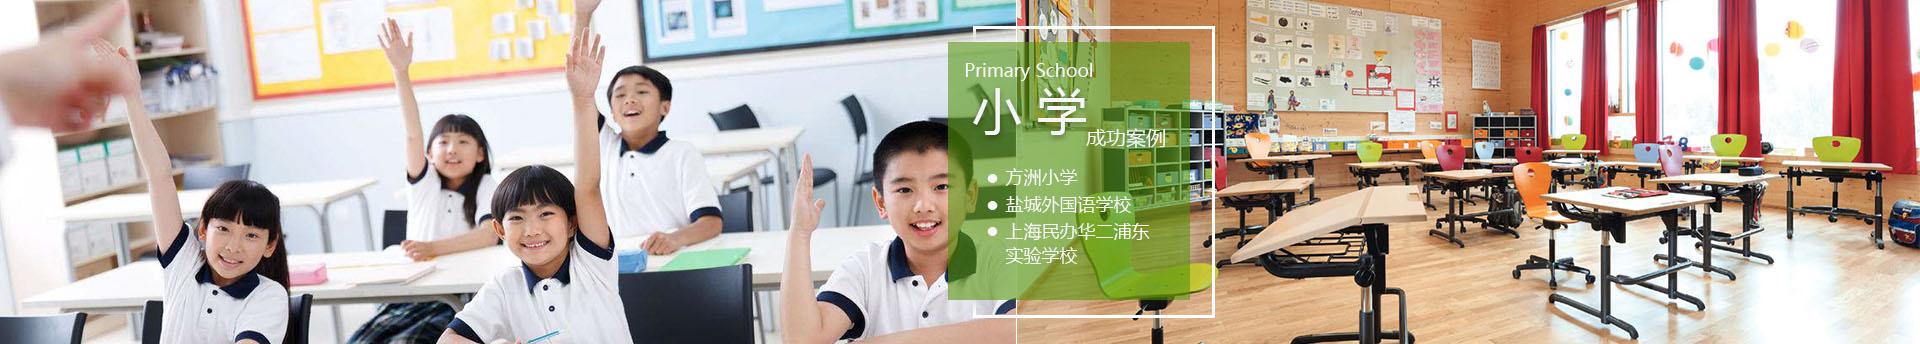 苏州方洲小学小学学校家具成功案例-SEEWIN诗敏学校家具国际学校家具-学生课桌椅-宿舍公寓床-未来教室家具-上海诗敏校园家具厂家